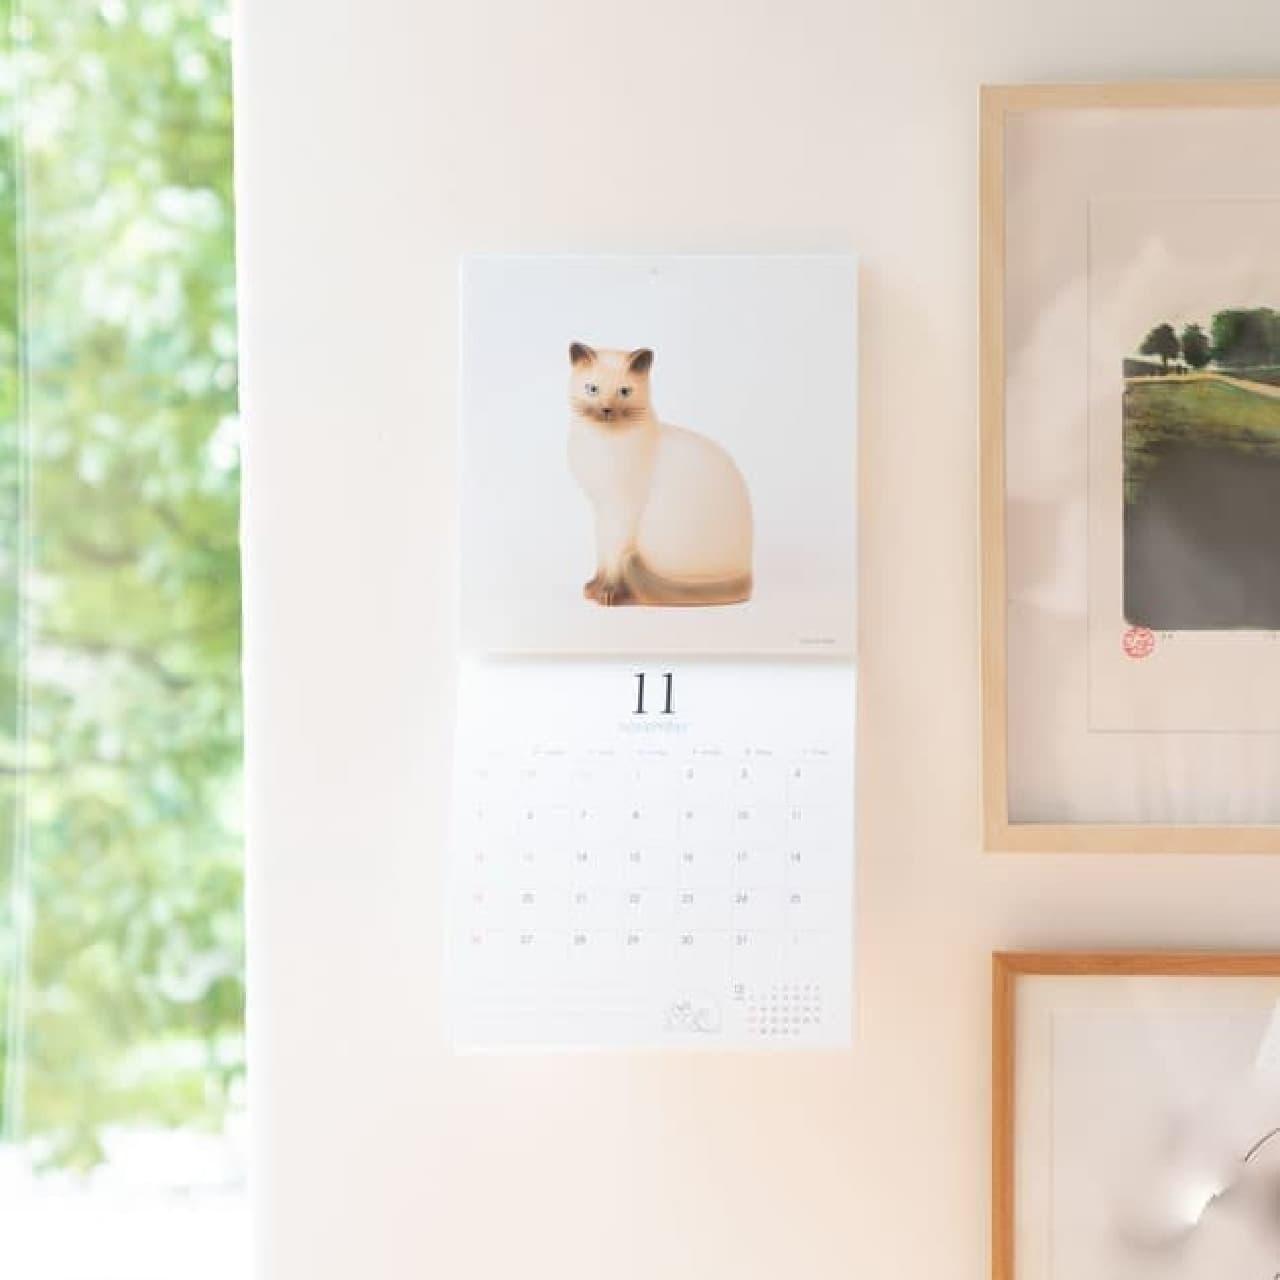 リサ・ラーソンの2021年カレンダーやスケジュール帳が登場 -- 壁掛けや卓上など豊富に展開